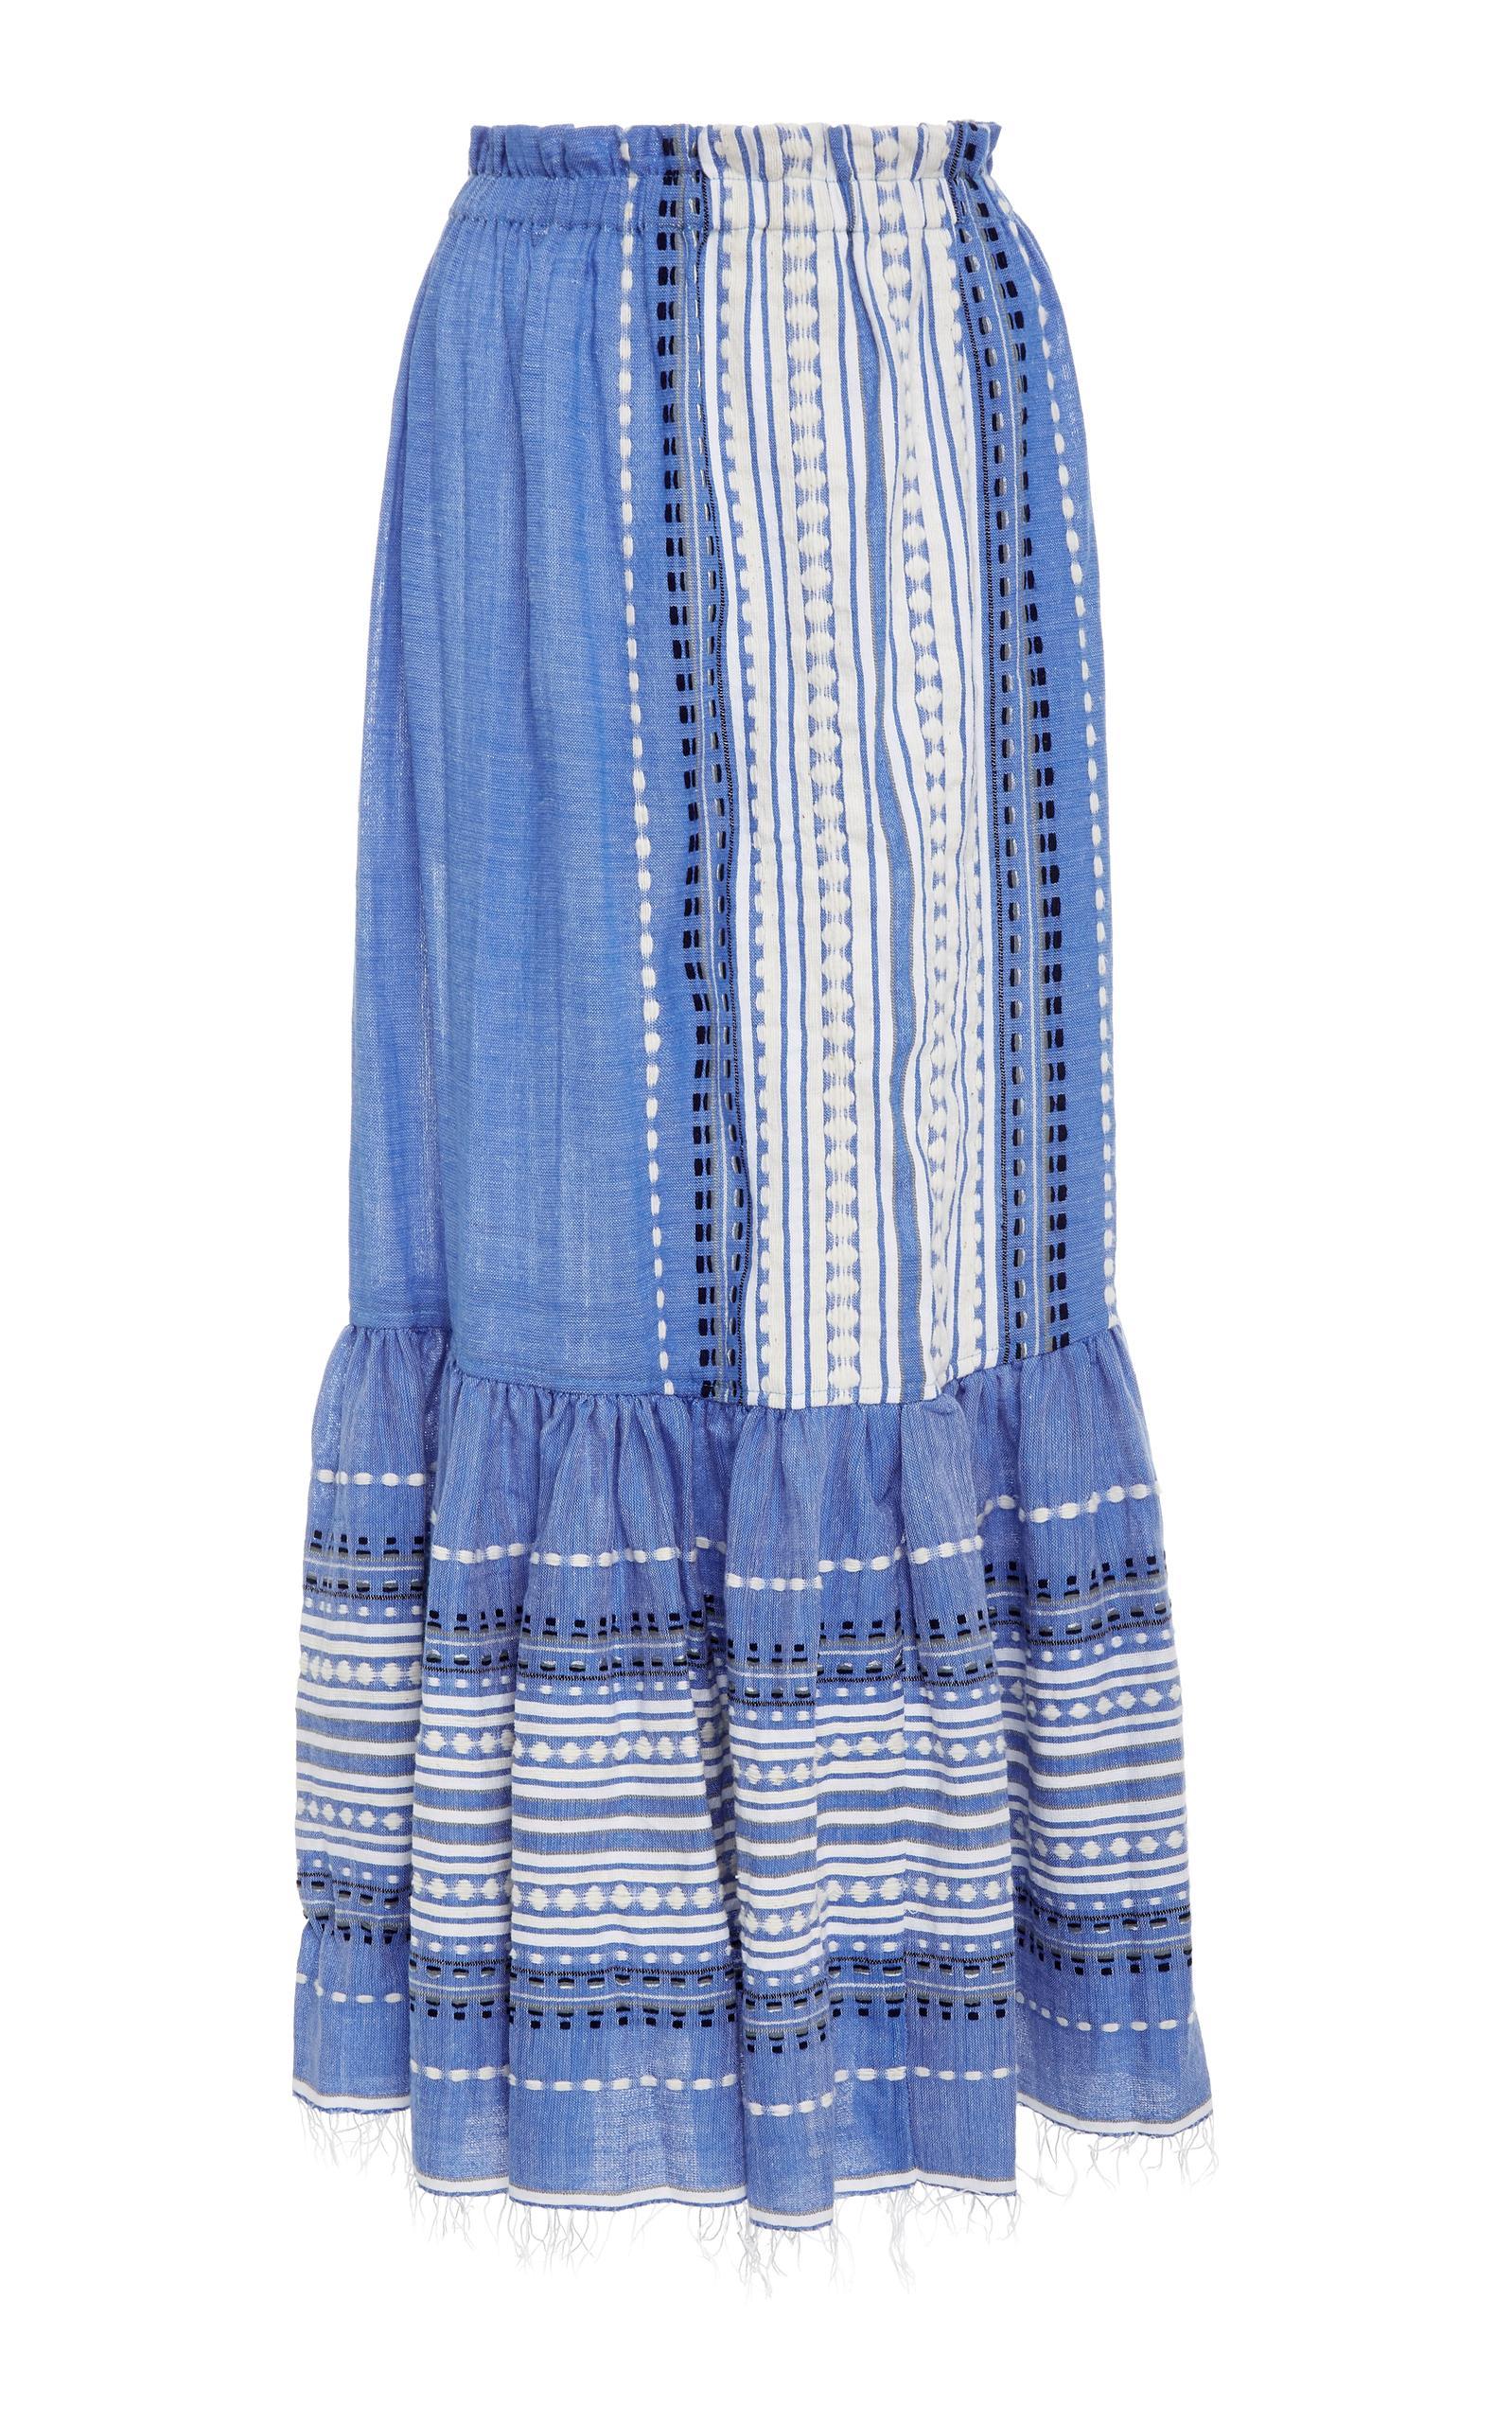 Lemlem Izara Convertible Cotton-Blend Skirt In Blue